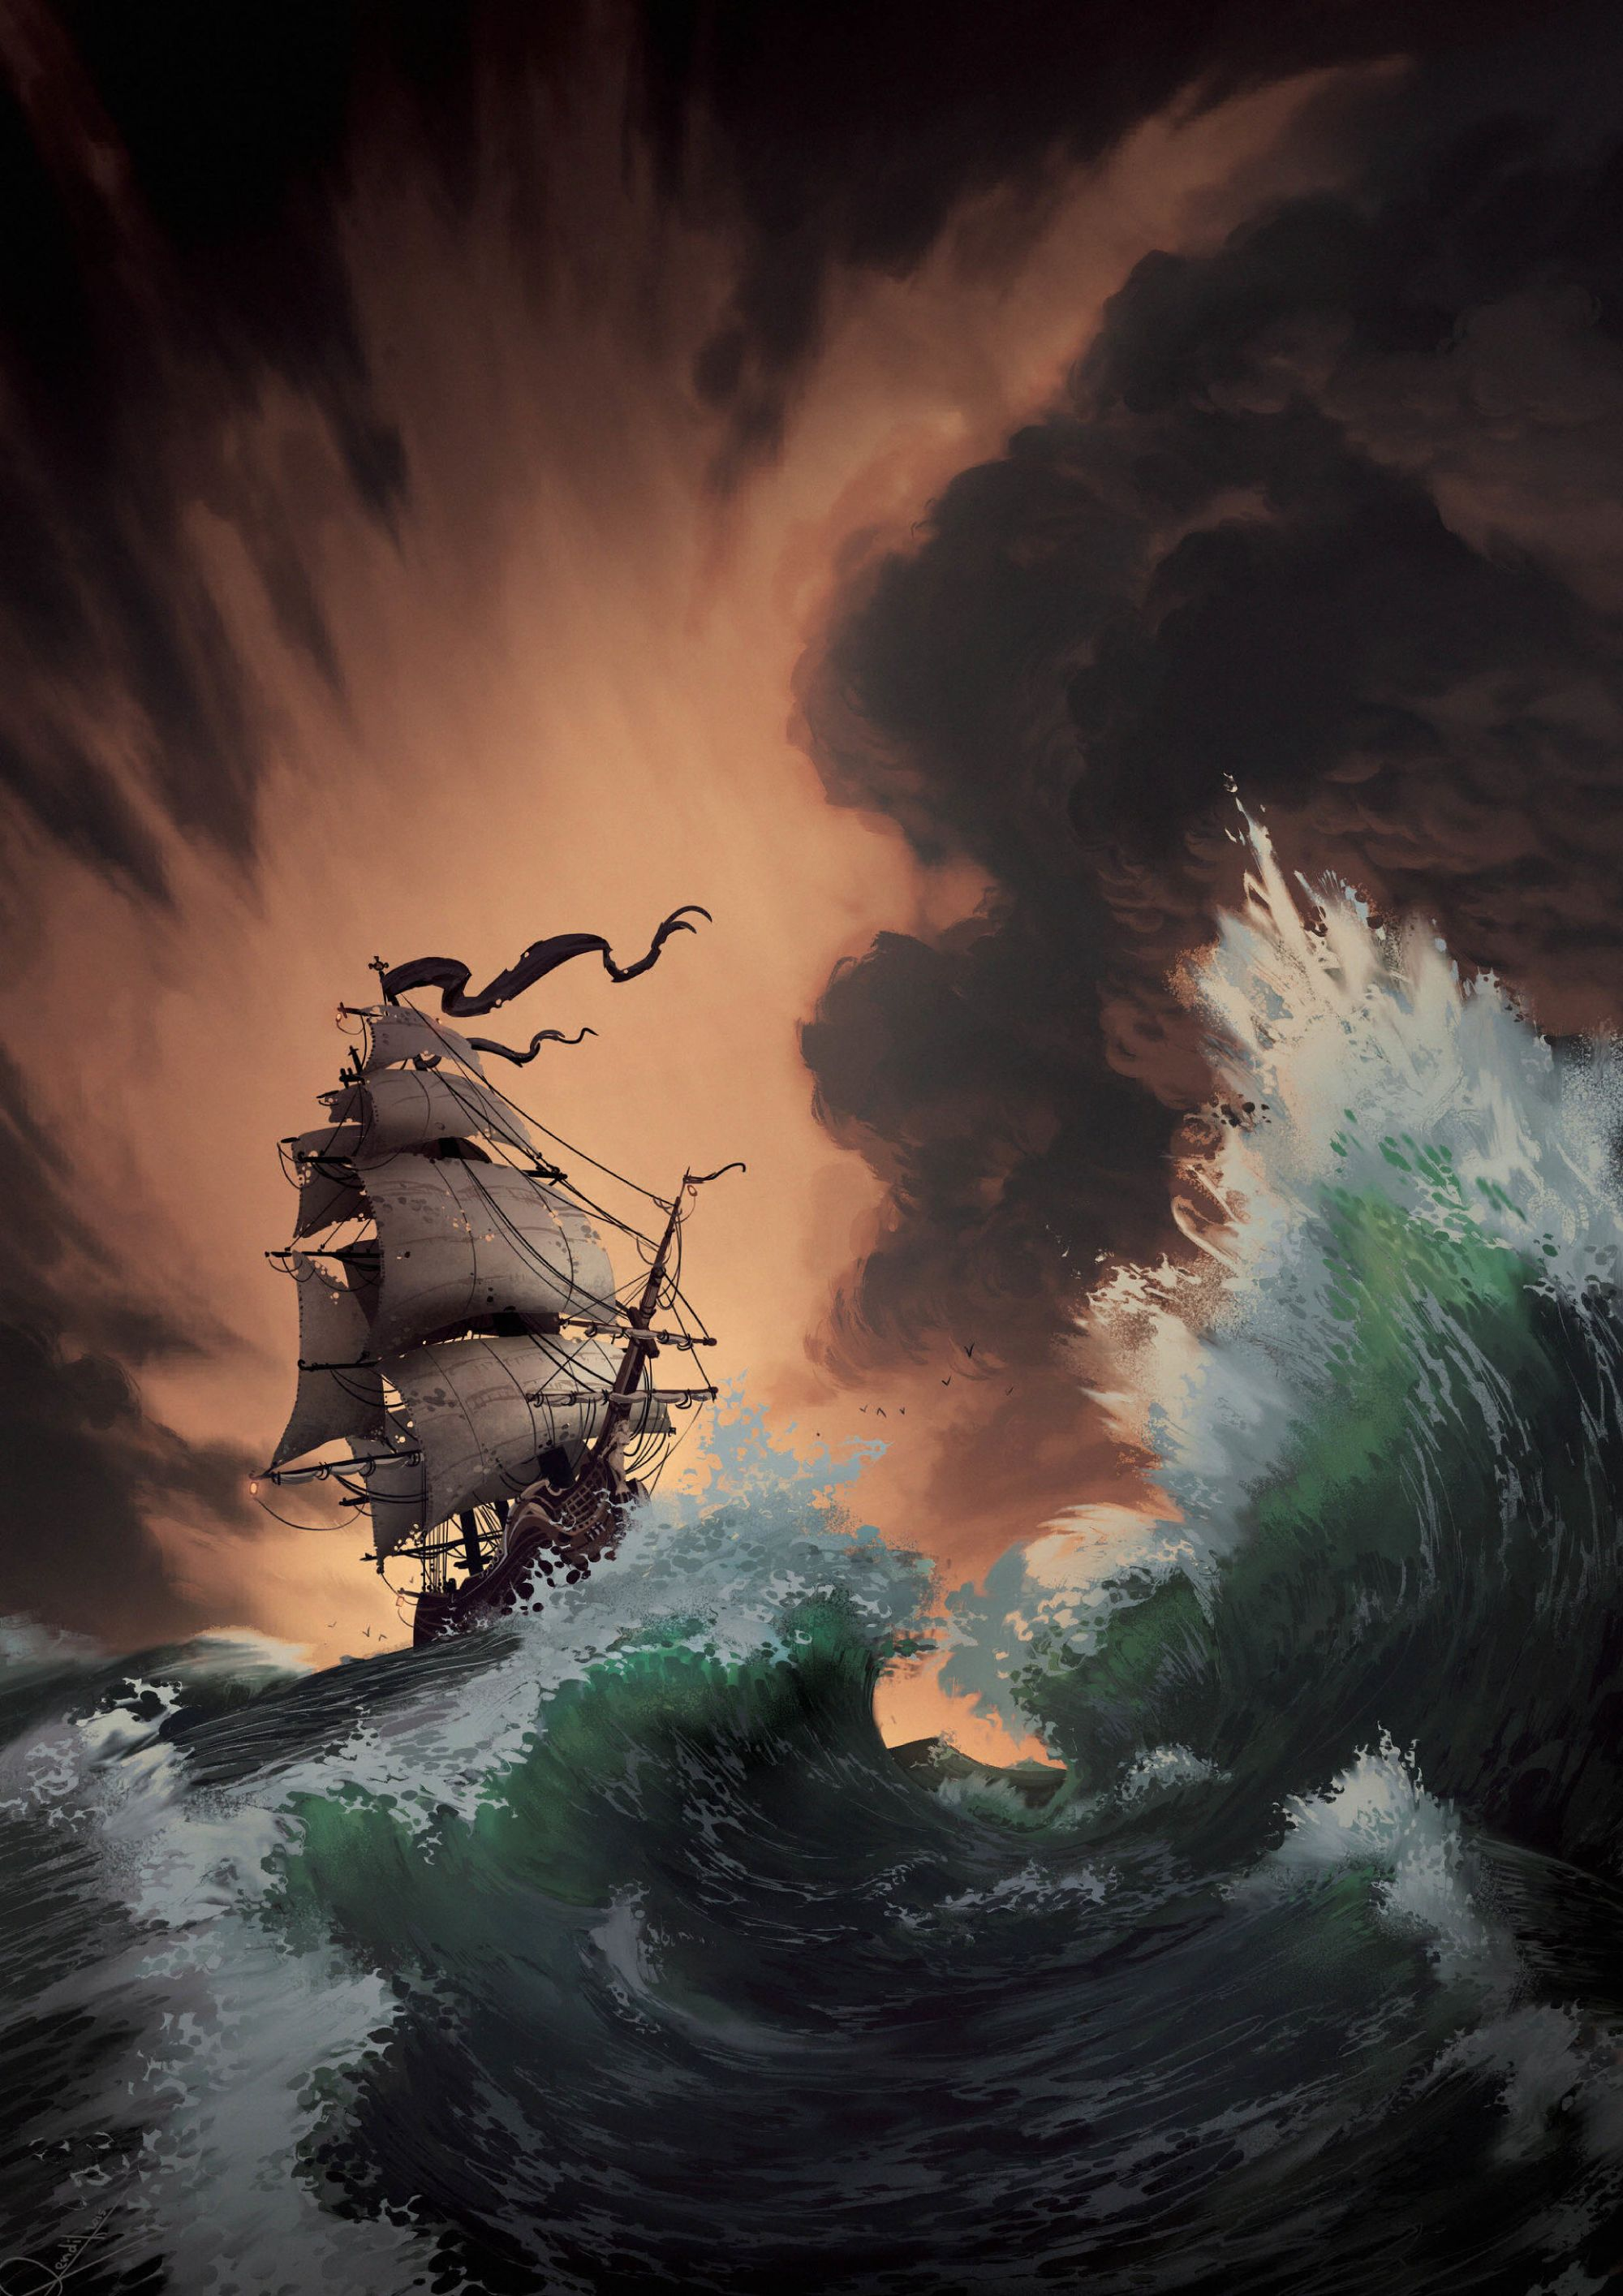 72374 Заставки и Обои Волны на телефон. Скачать Шторм, Корабль, Море, Арт, Волны картинки бесплатно